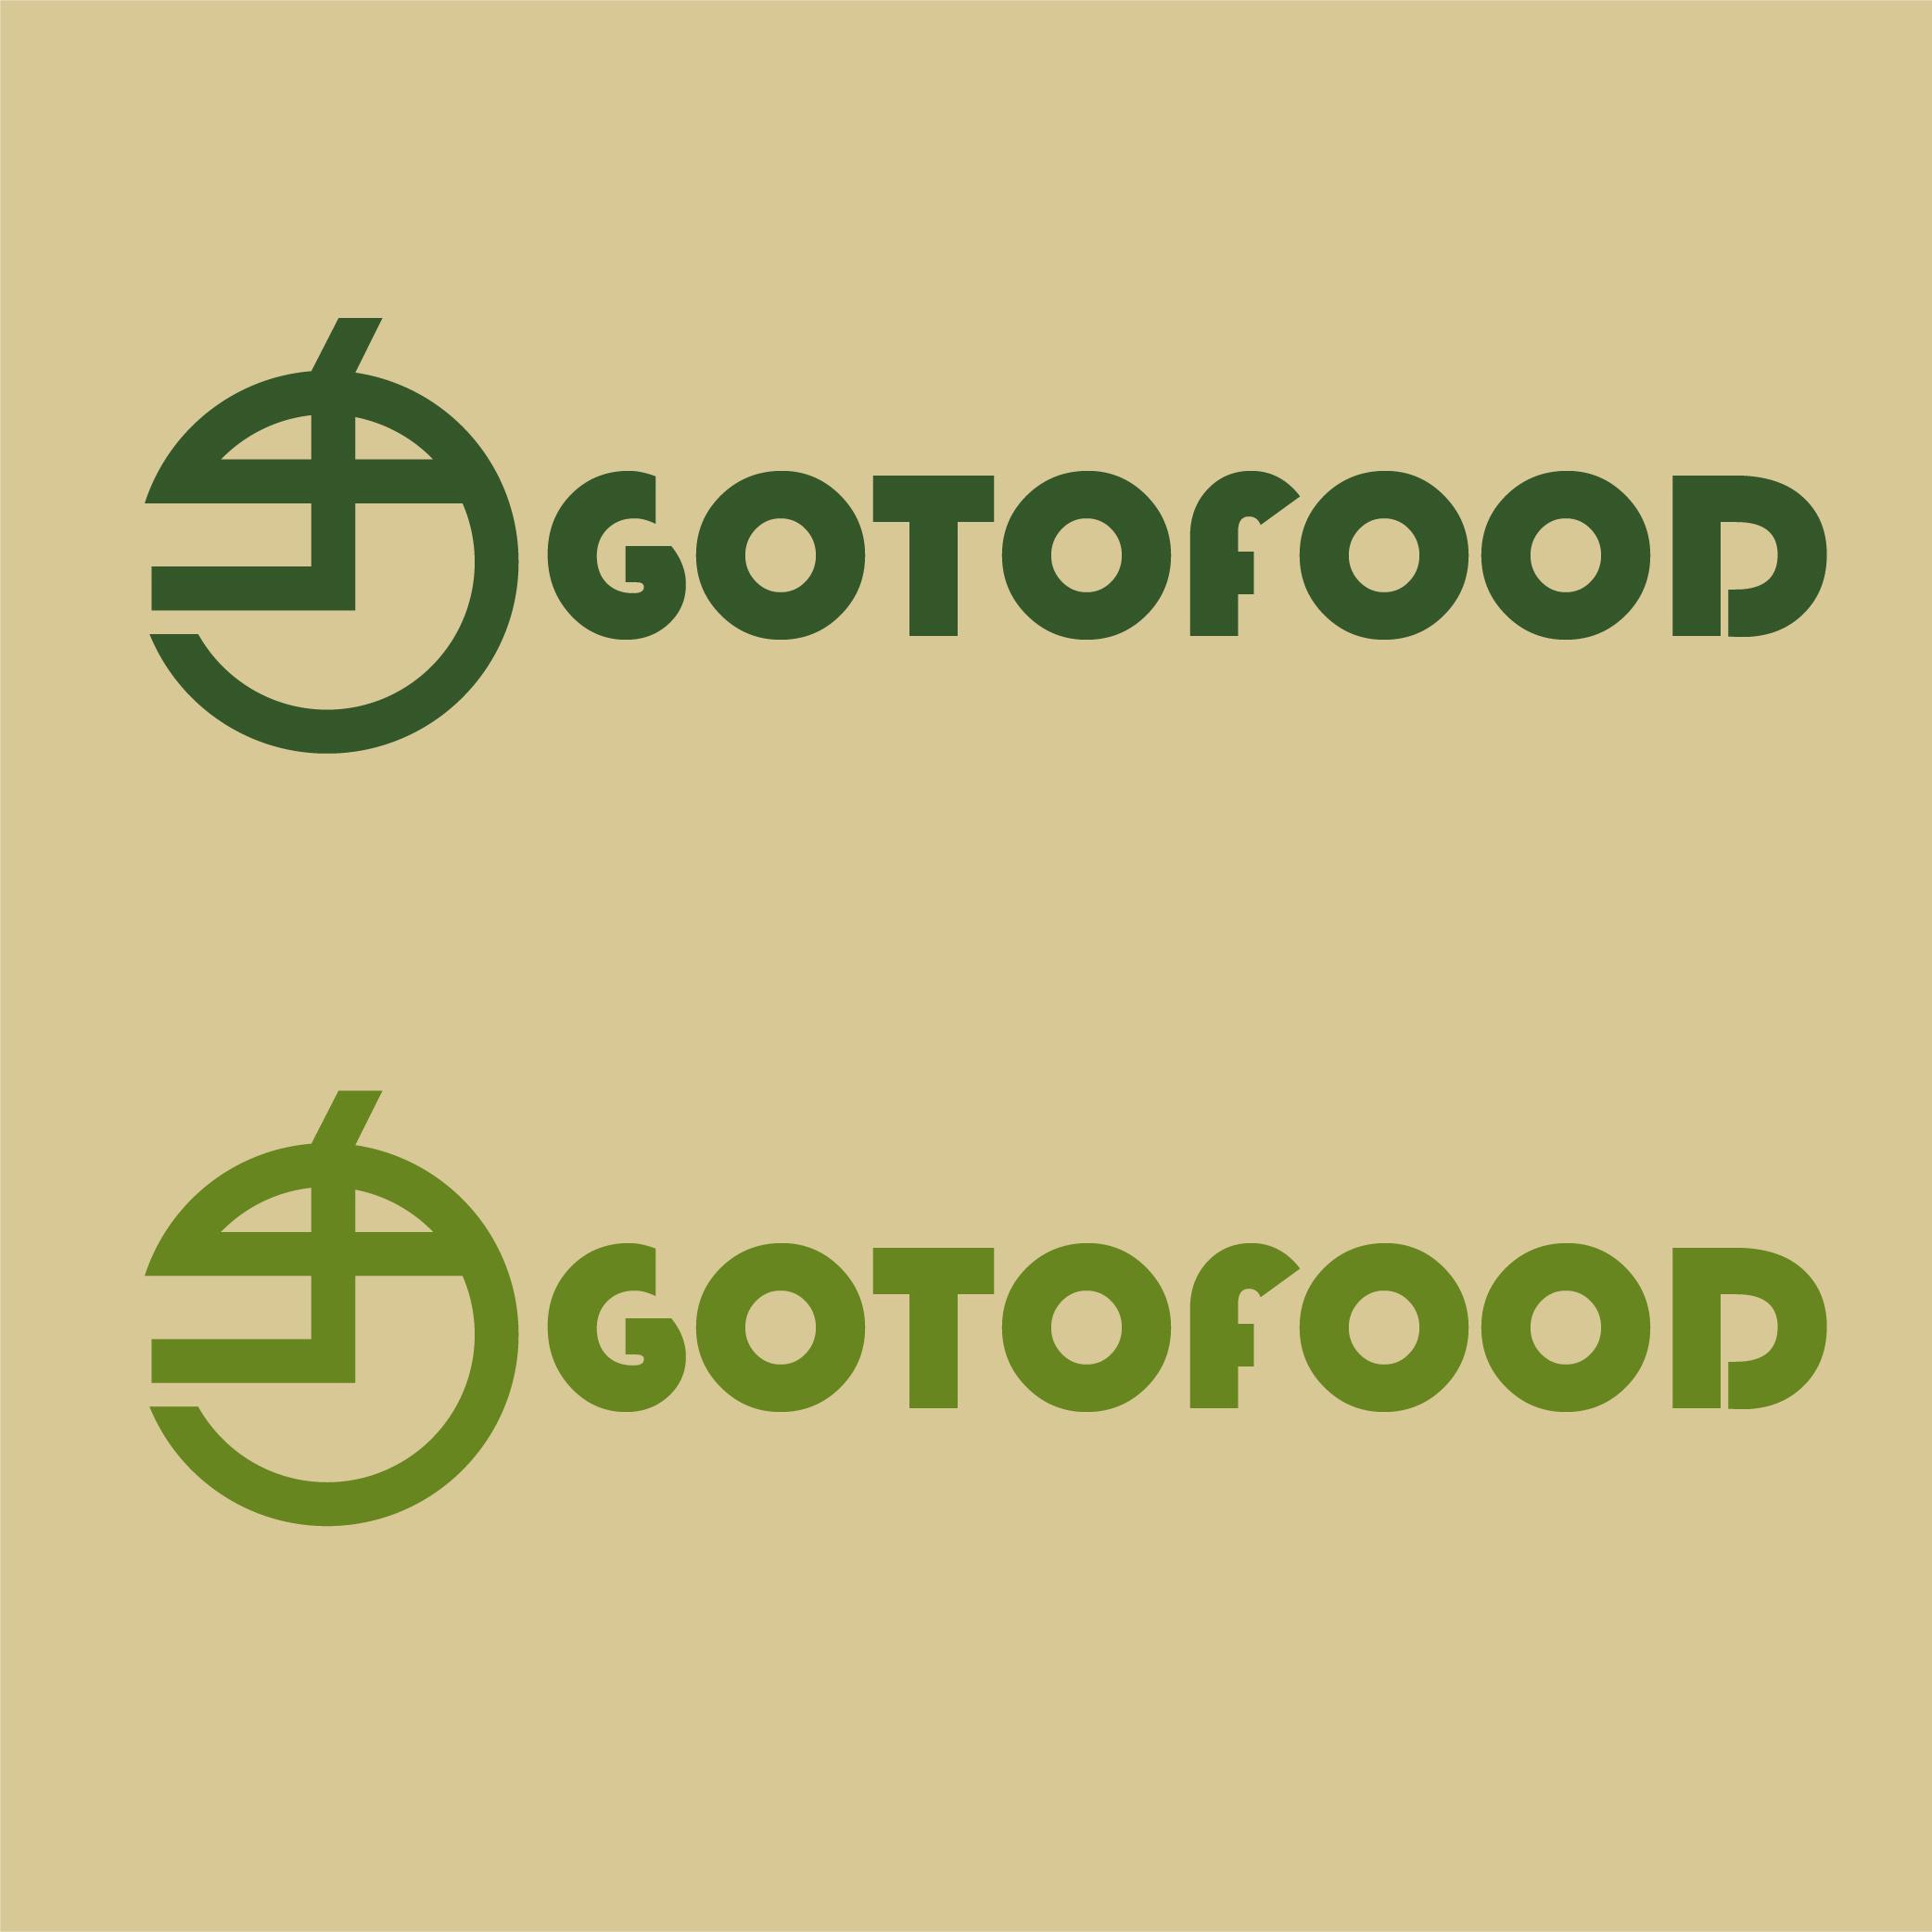 Логотип интернет-магазина здоровой еды фото f_6795cd2a90107717.jpg